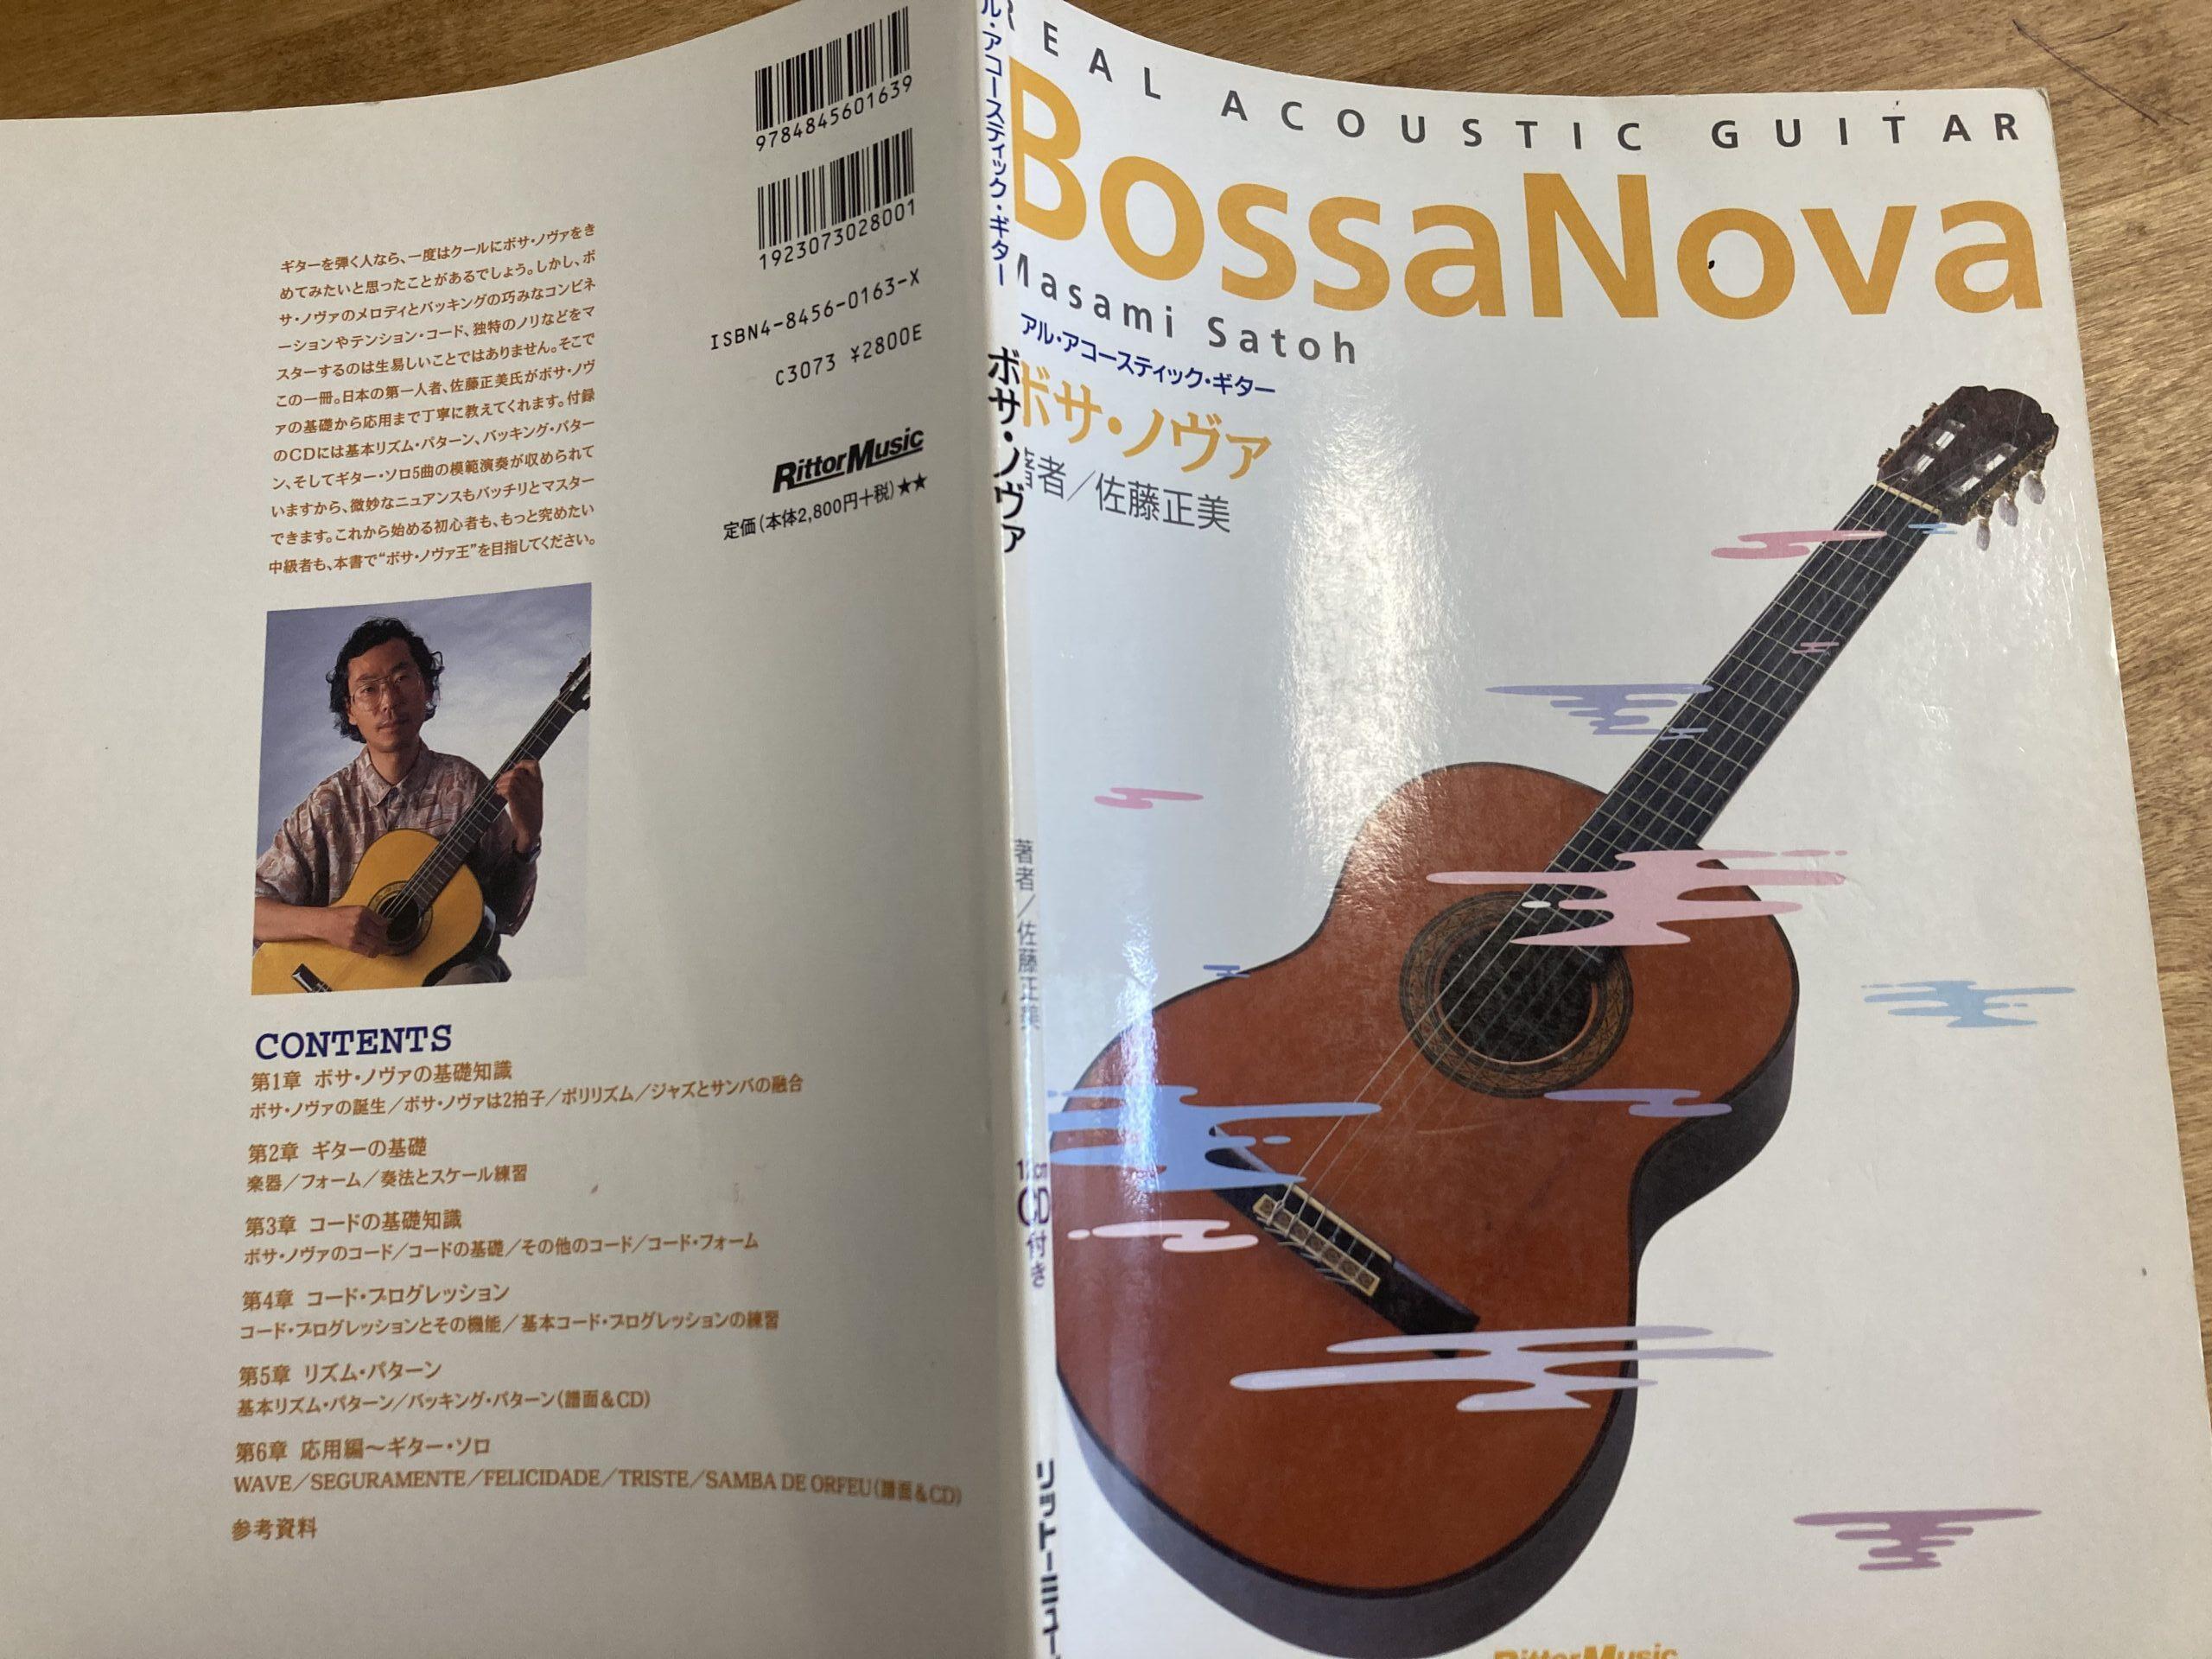 佐藤正美 / 著 ★ リアル・アコースティック・ギター ★ Bossa Nova / ボサ・ノヴァ